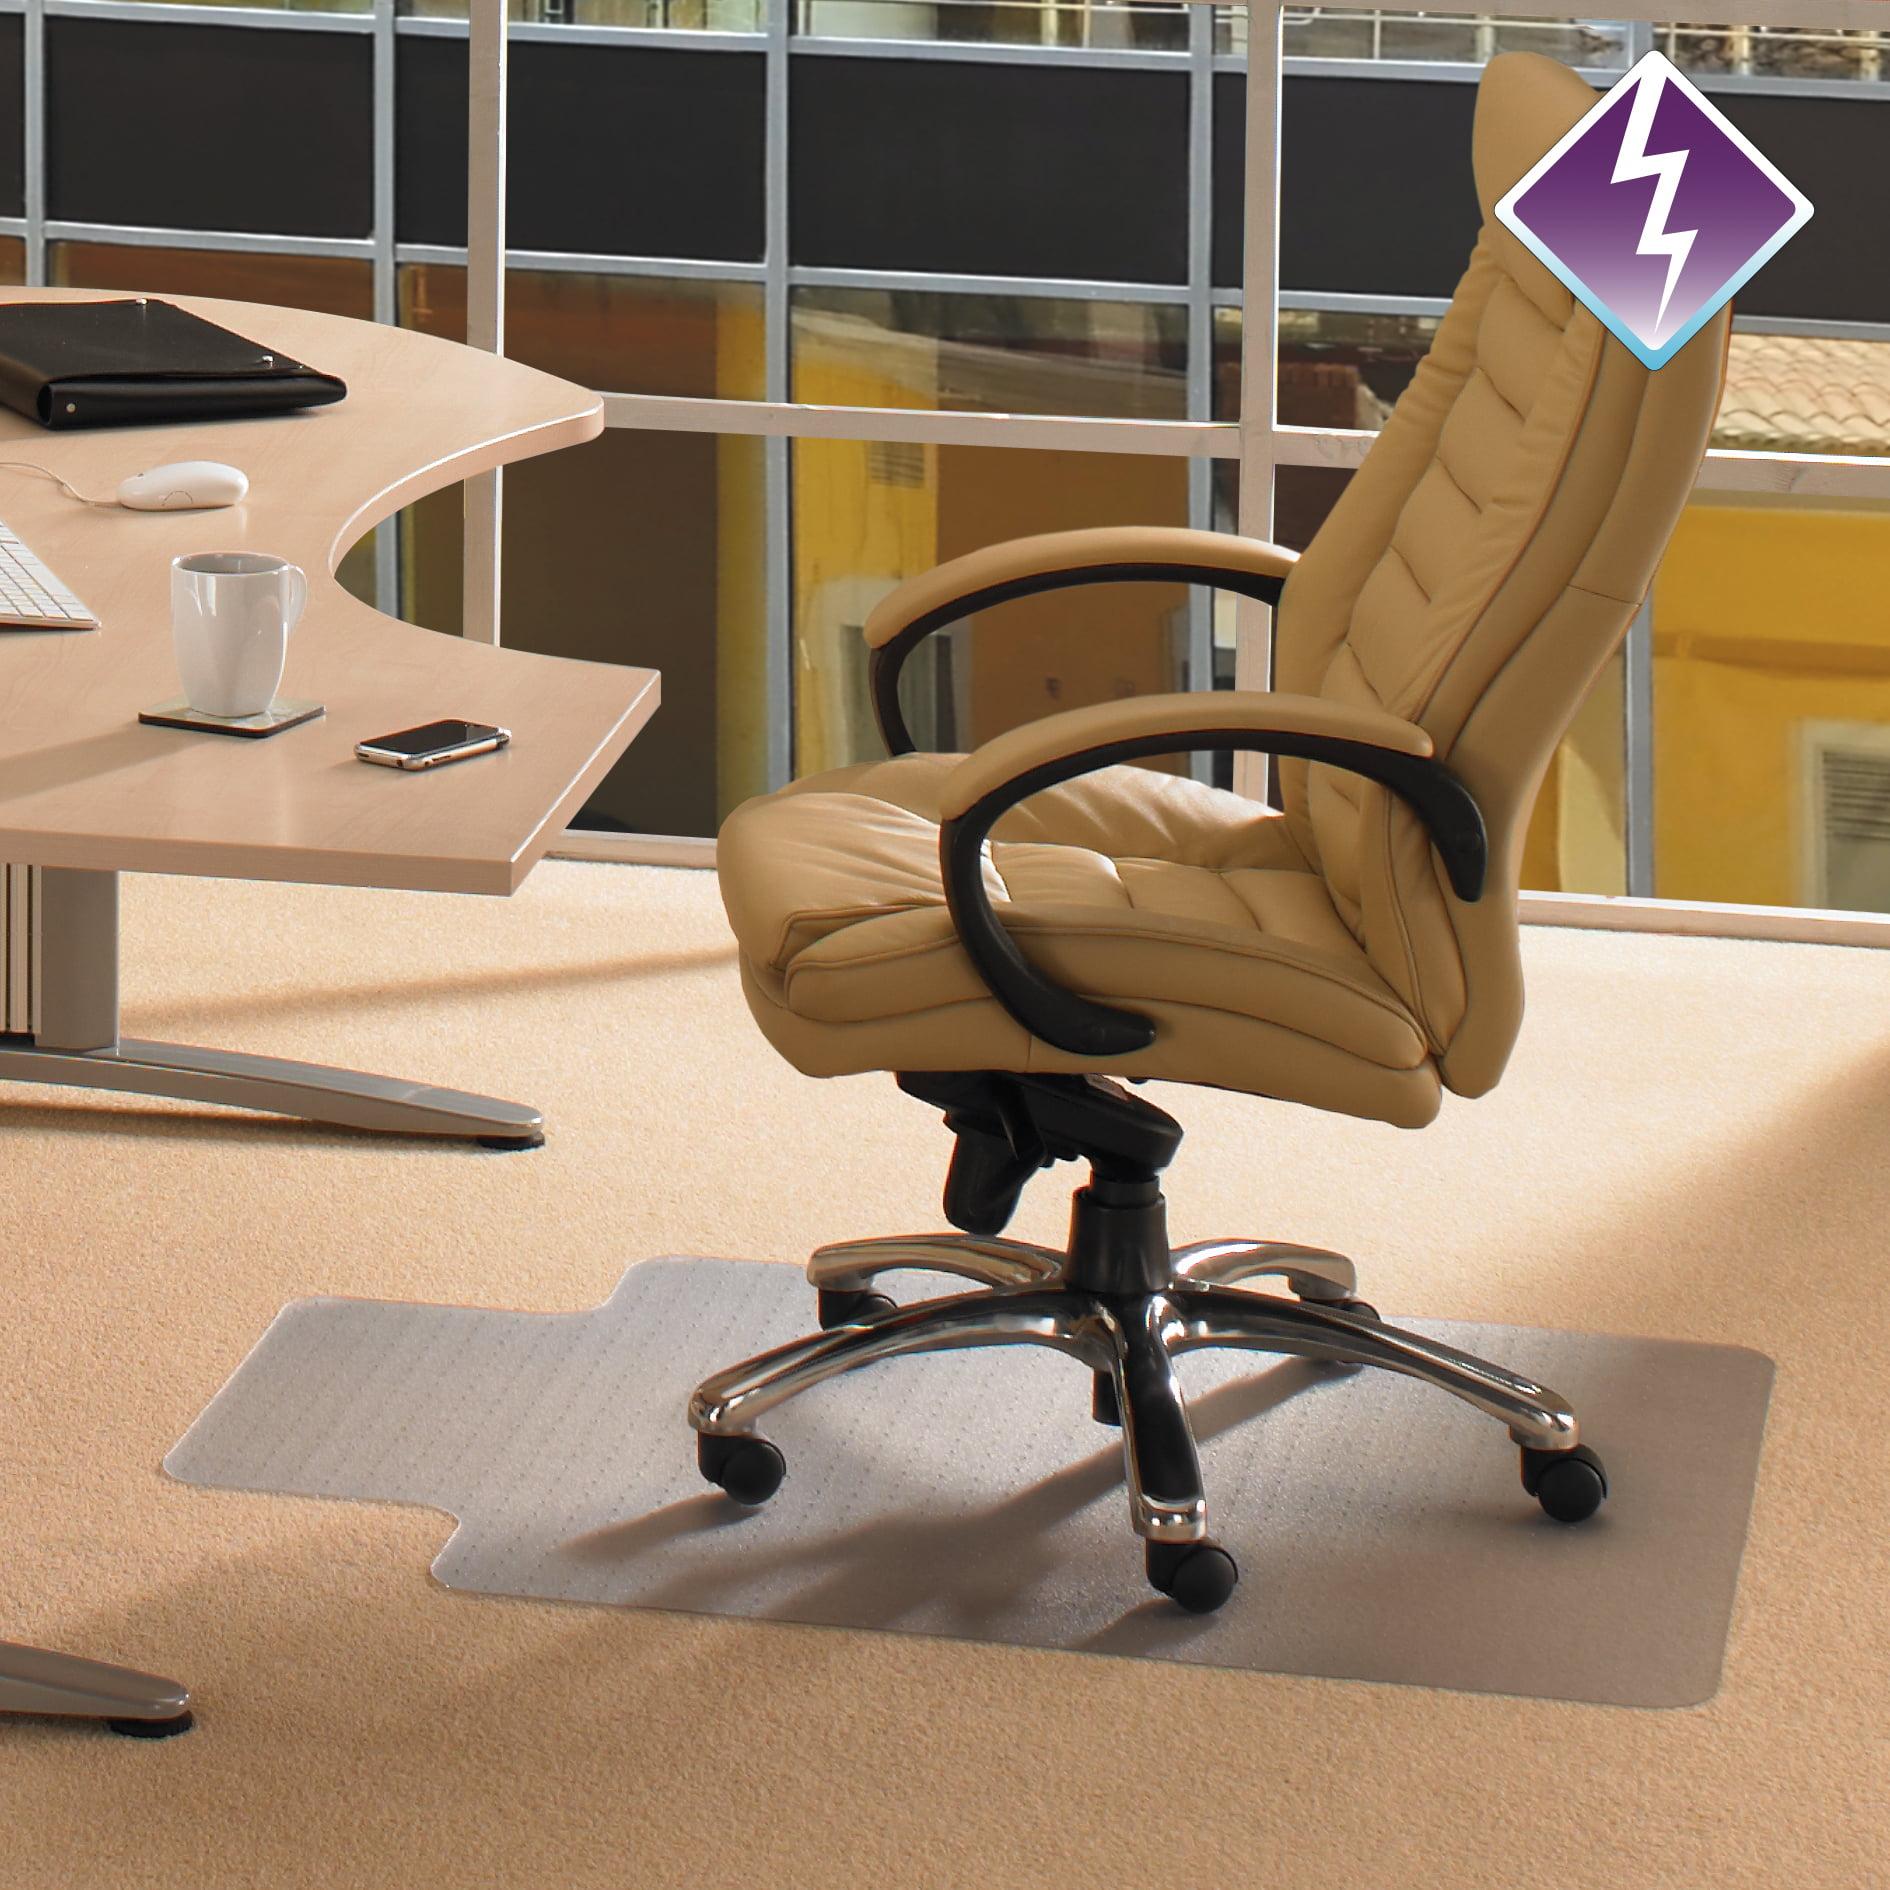 Floortex Computex Advantagemat 36 x 48 Chair Mat for Standard Pile Carpet, Rectangular with Lip